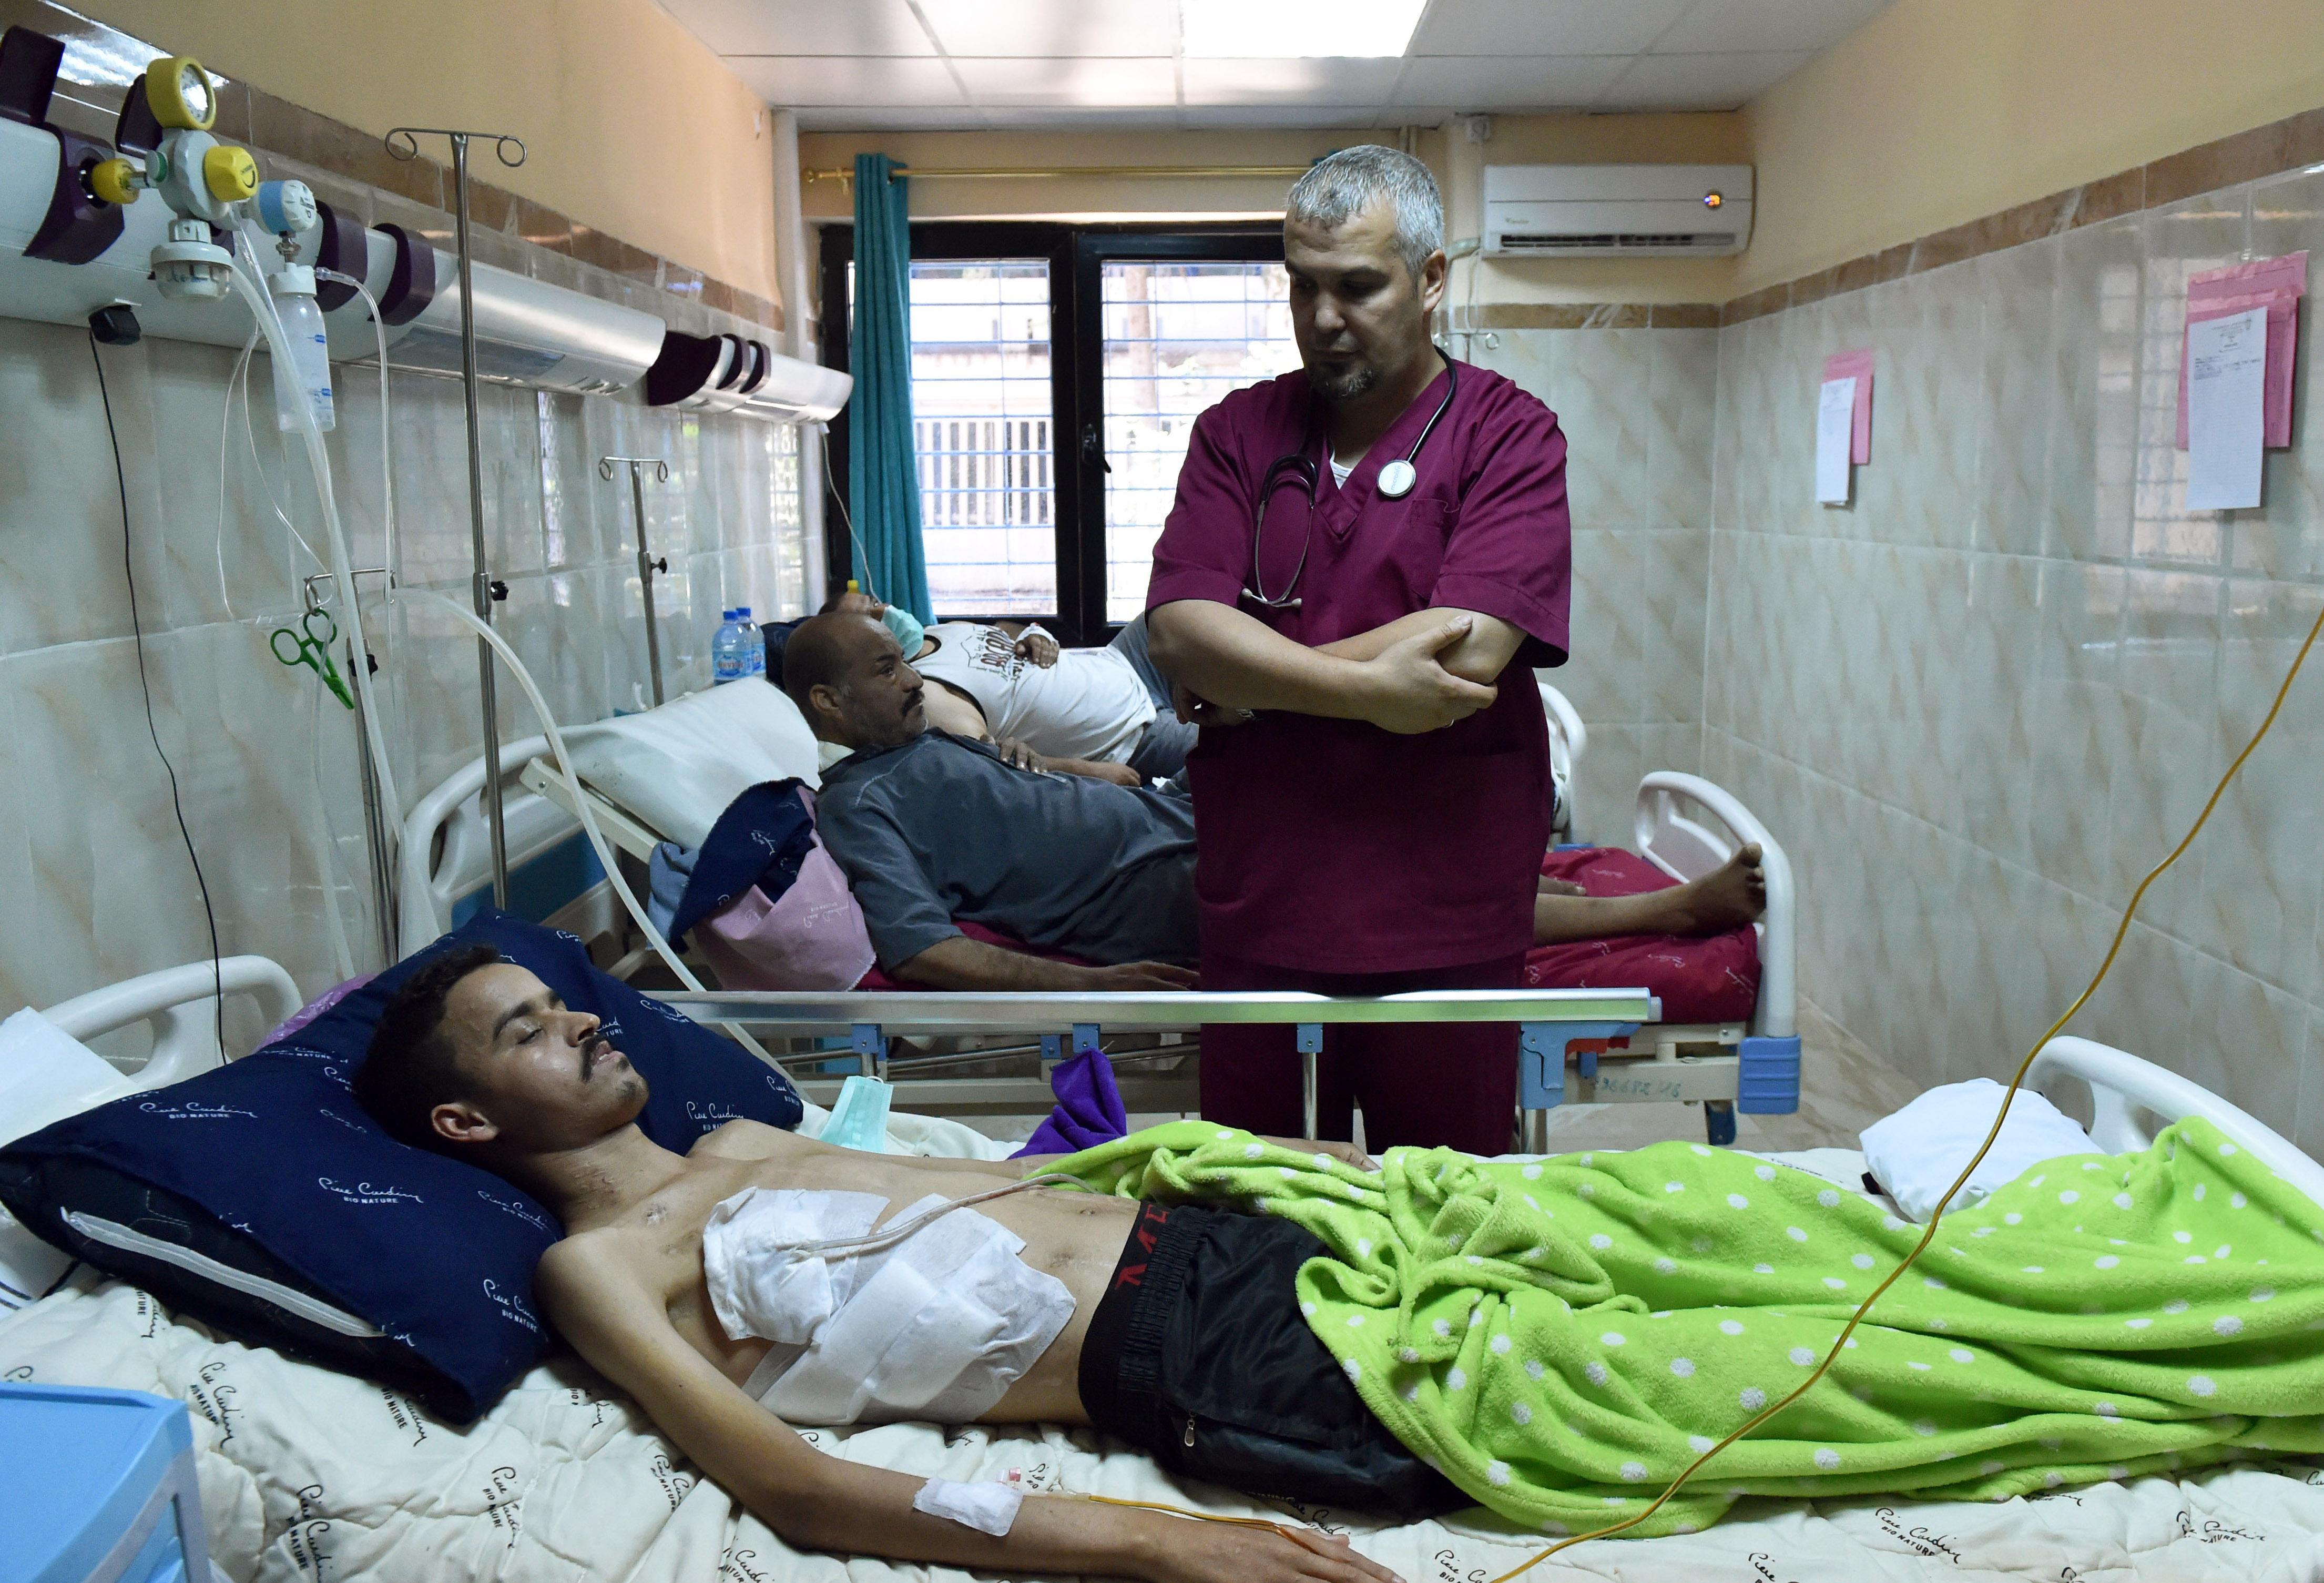 الطبيب الجزائري أحمد بوقرورة يعاين مرضاه في المستشفى الجامعي في باتنة